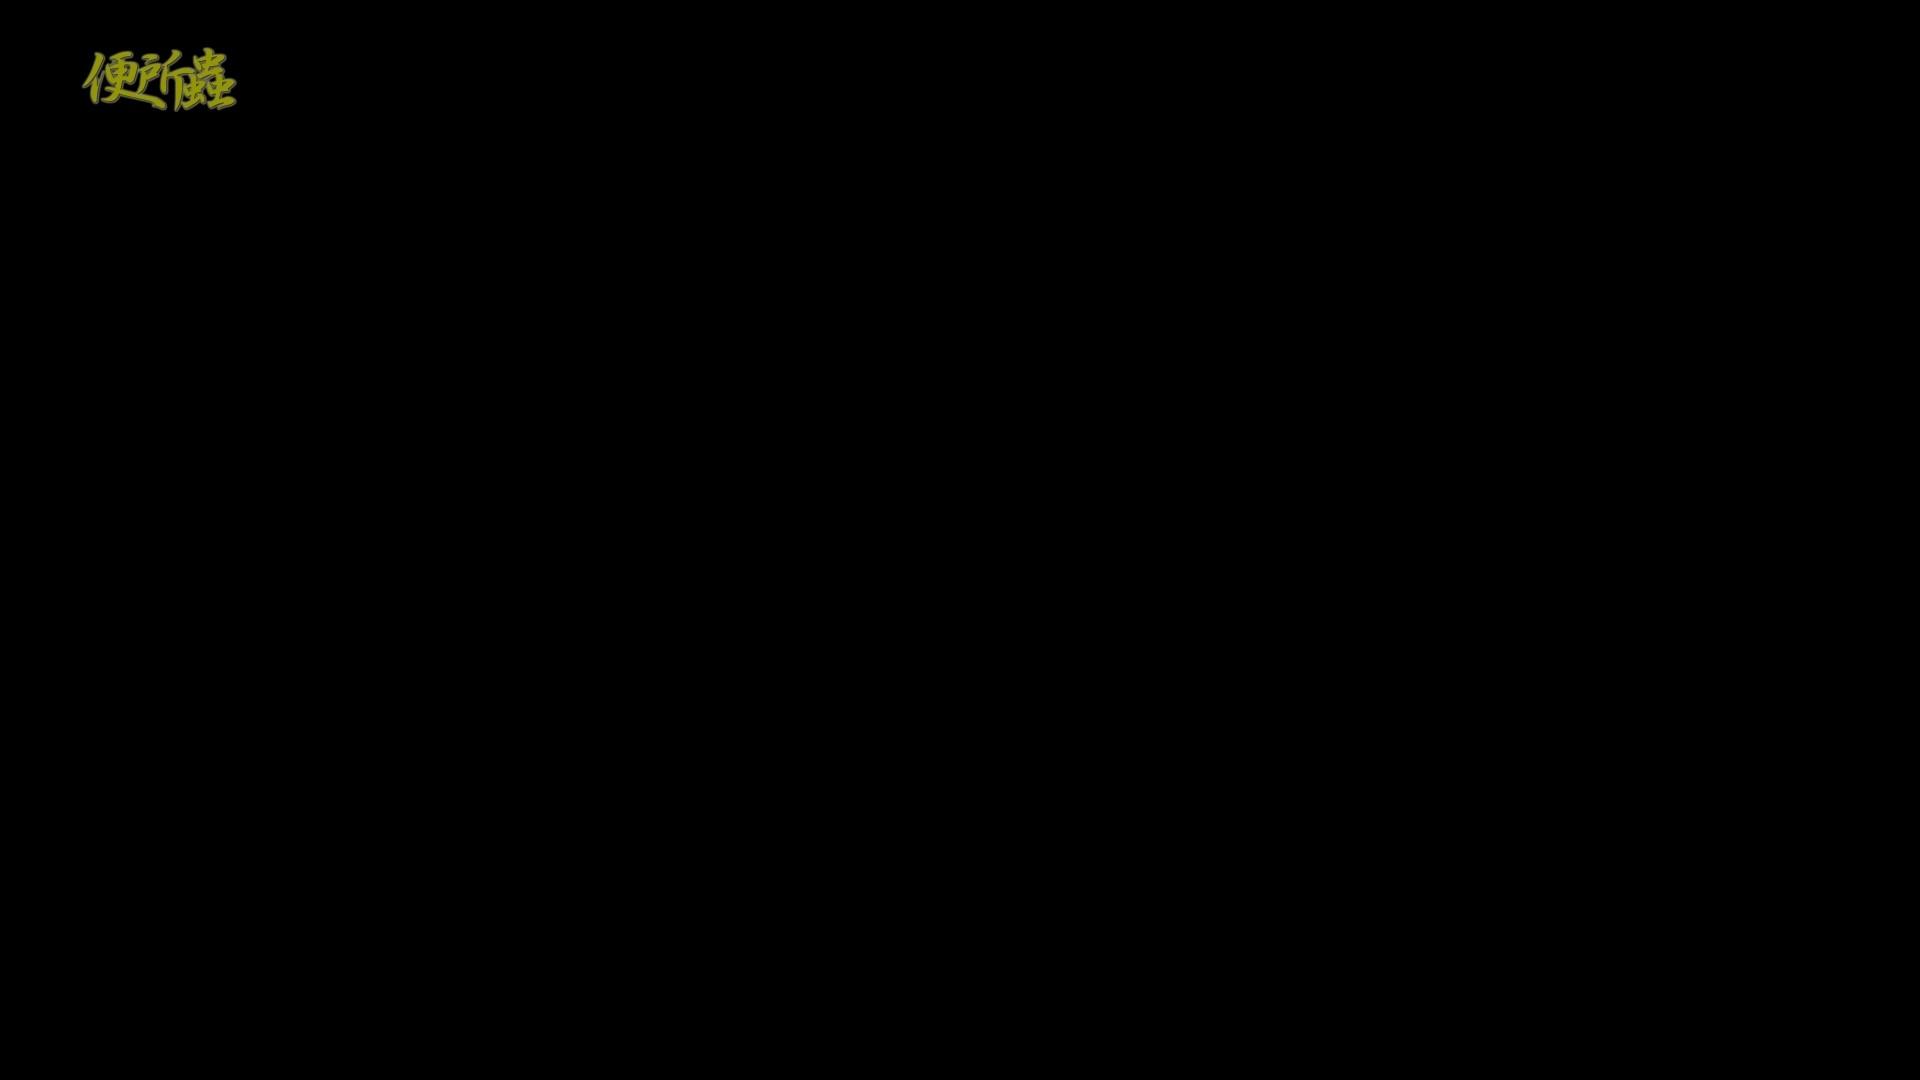 無修正ヌード|vol.03 便所蟲さんのリターン~寺子屋洗面所盗撮~|怪盗ジョーカー